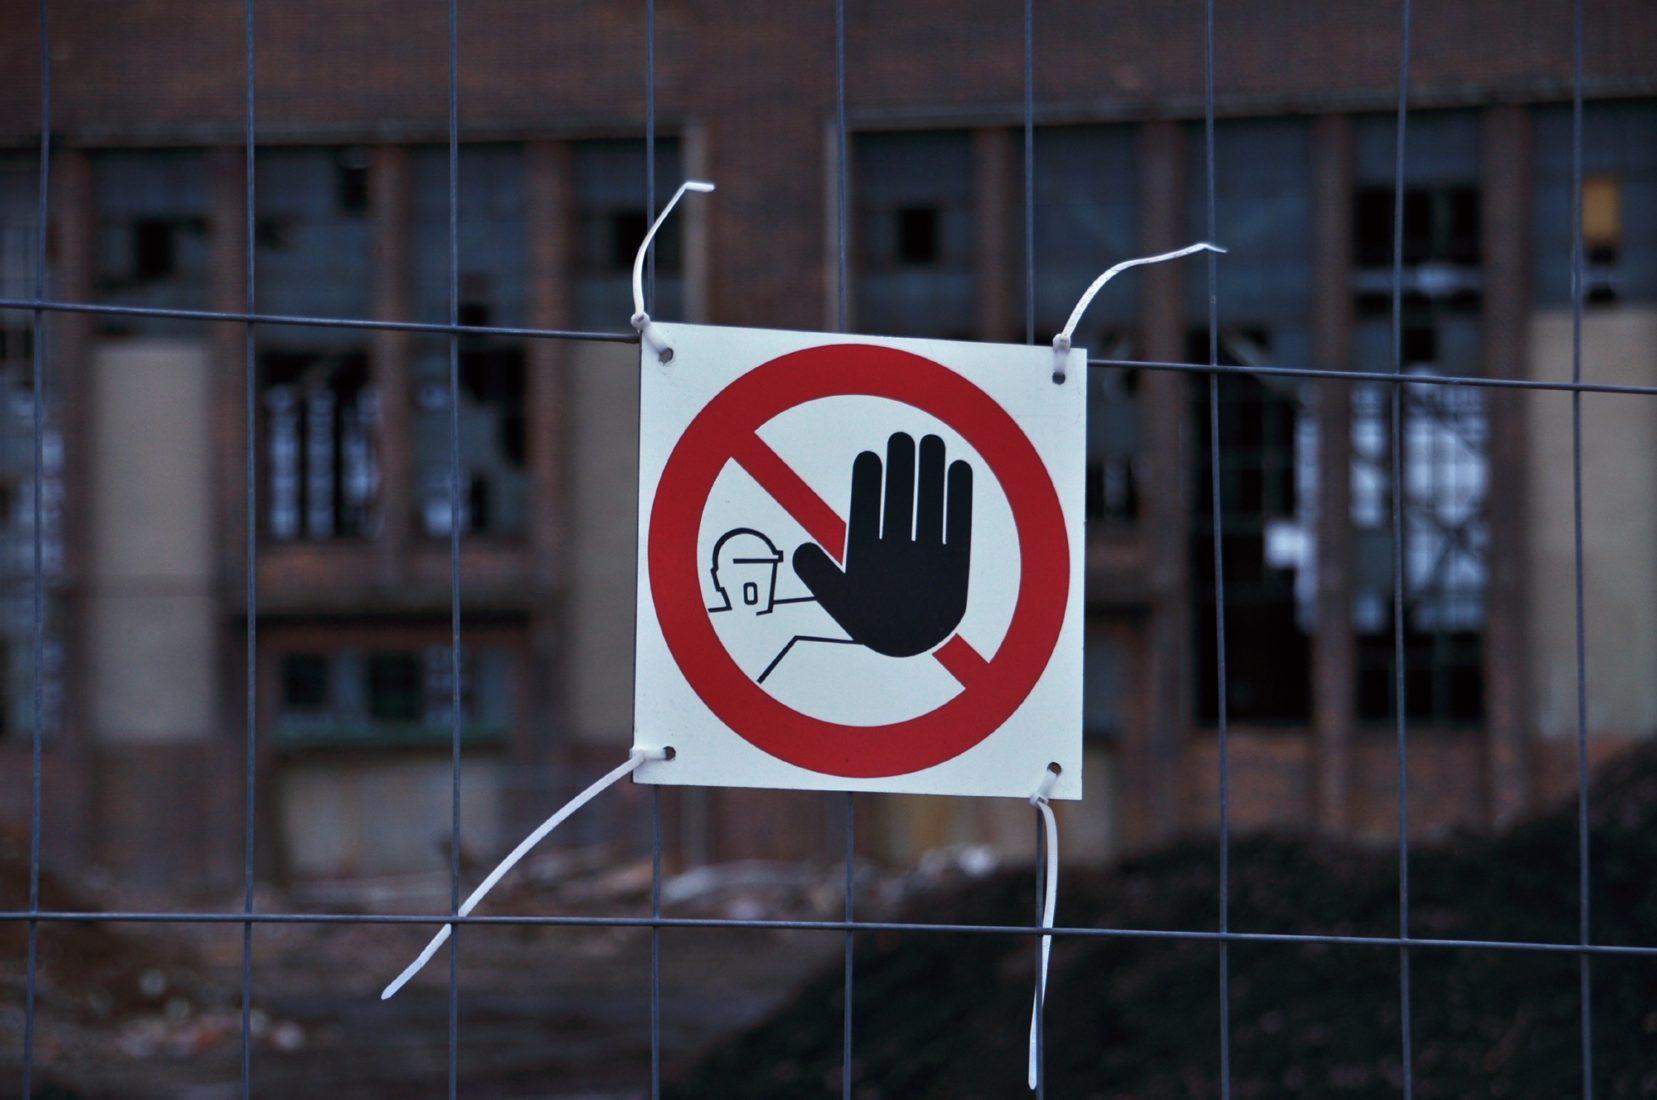 Bei Asbestgefahr sind Sanierungen nur unter aufwändigen Schutzvorkehrungen erlaubt. Foto: Jan Tornack / pixelio.de